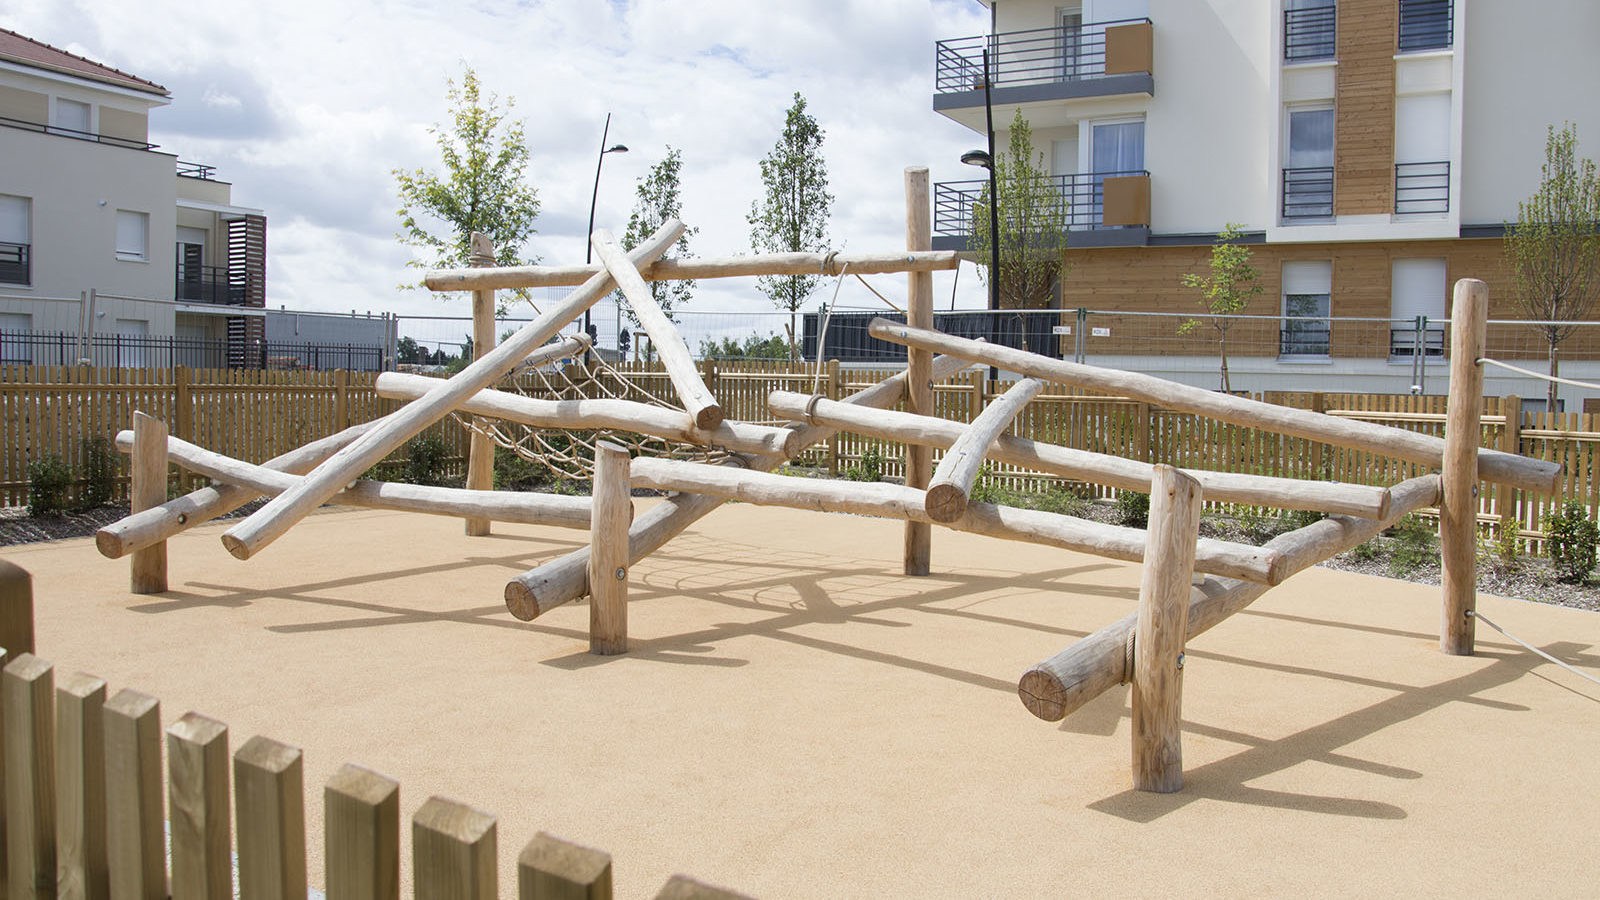 Mikado en bois naturel et cordages sur sol souple à Villecresnes